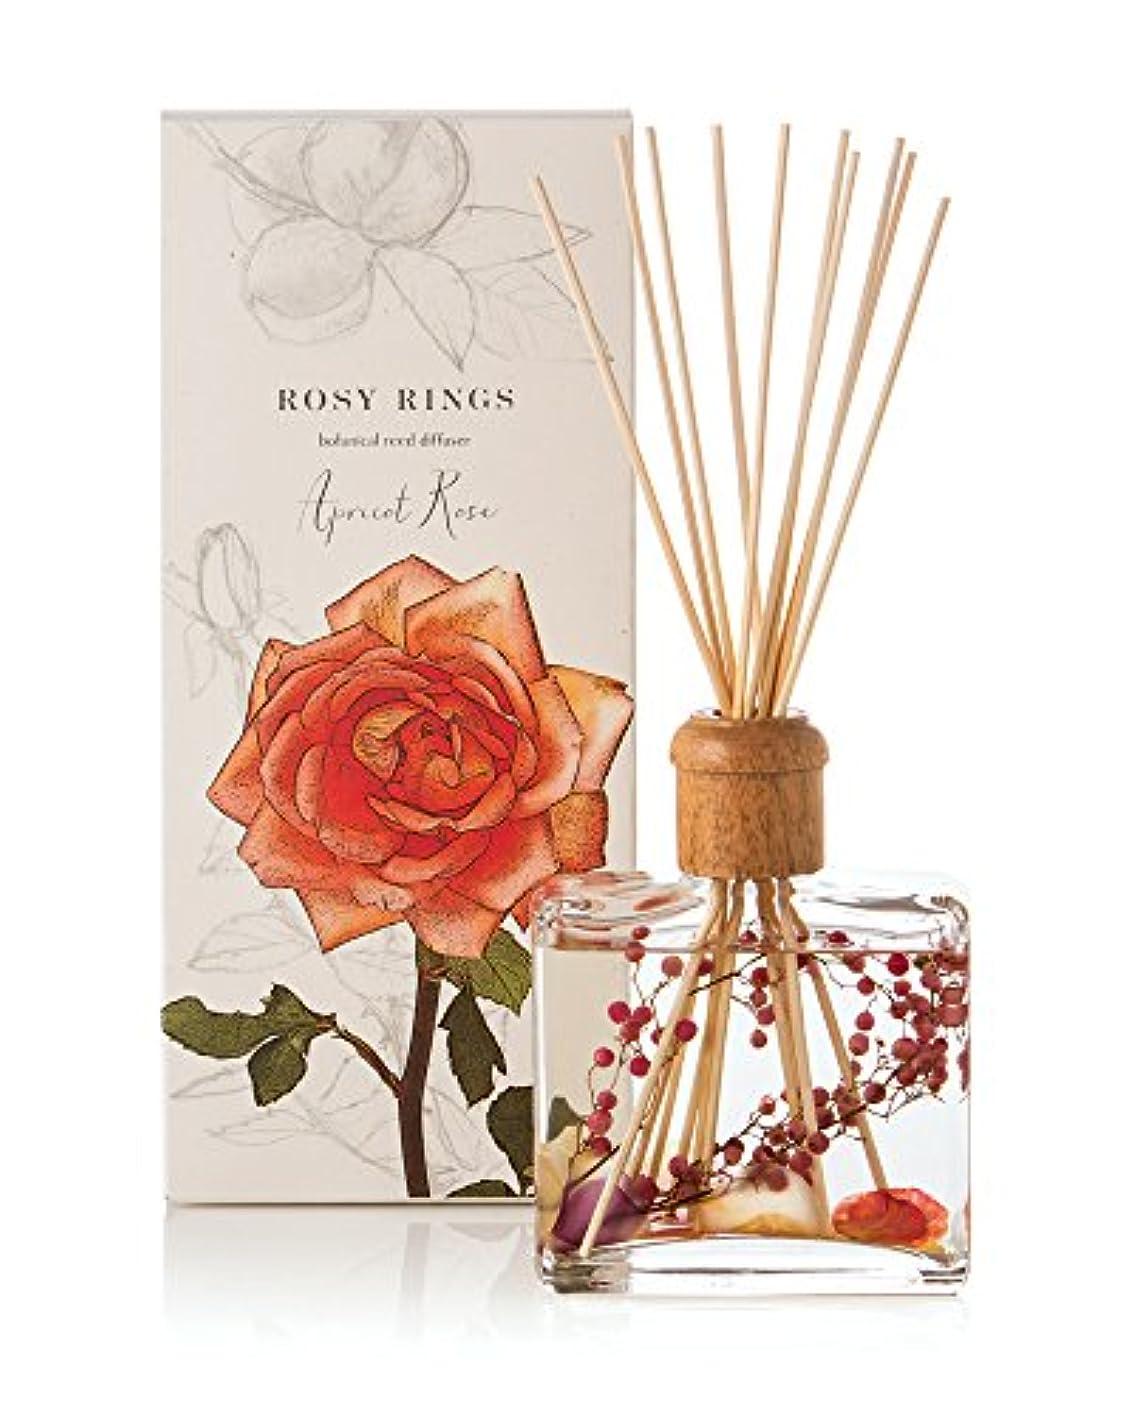 先例封筒責任ロージーリングス ボタニカルリードディフューザー アプリコット&ローズ ROSY RINGS Signature Collection Botanical Reed Diffuser – Apricot Rose